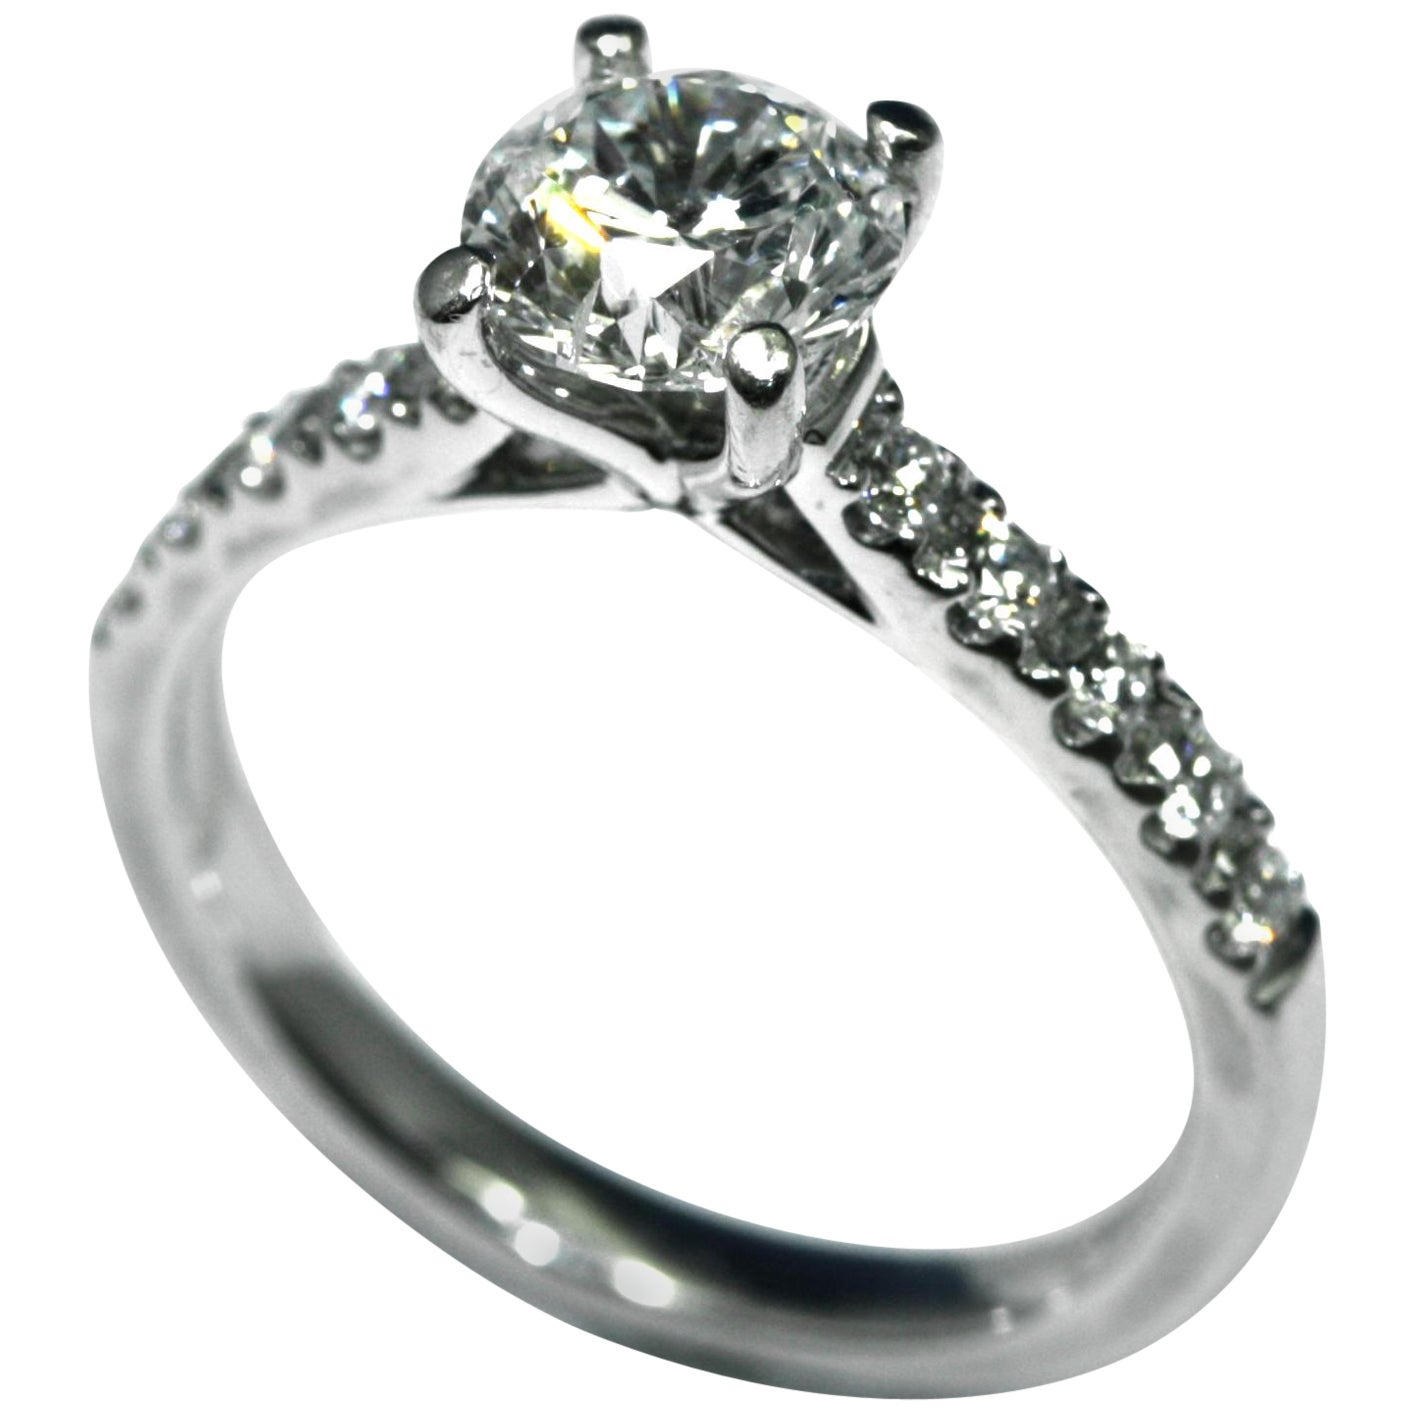 Ring 1.01 Carat Brilliant Cut Diamond Mounted in Platinum